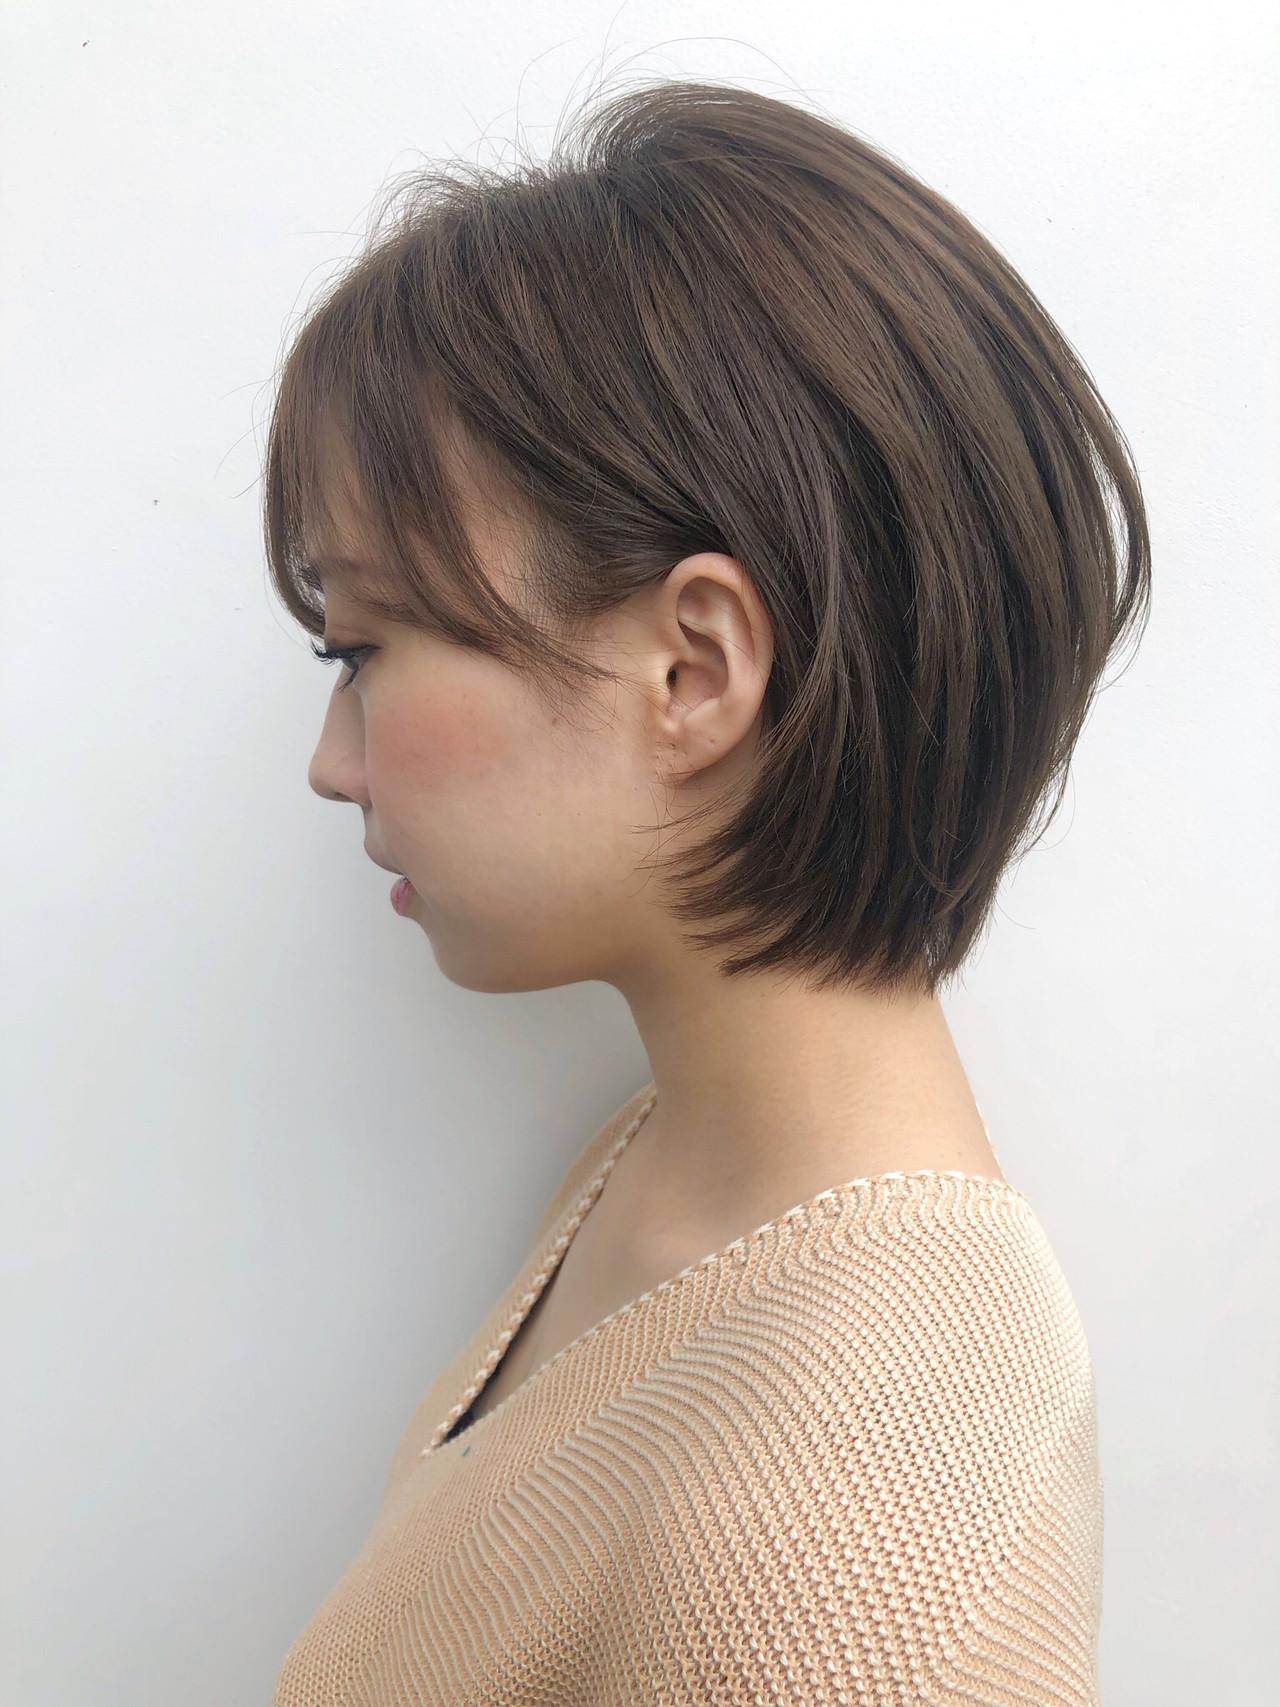 結婚式 デート 透明感カラー ブリーチなし ヘアスタイルや髪型の写真・画像 | 富永大樹【小顔ショート】【小顔ミディアム】 / Unami